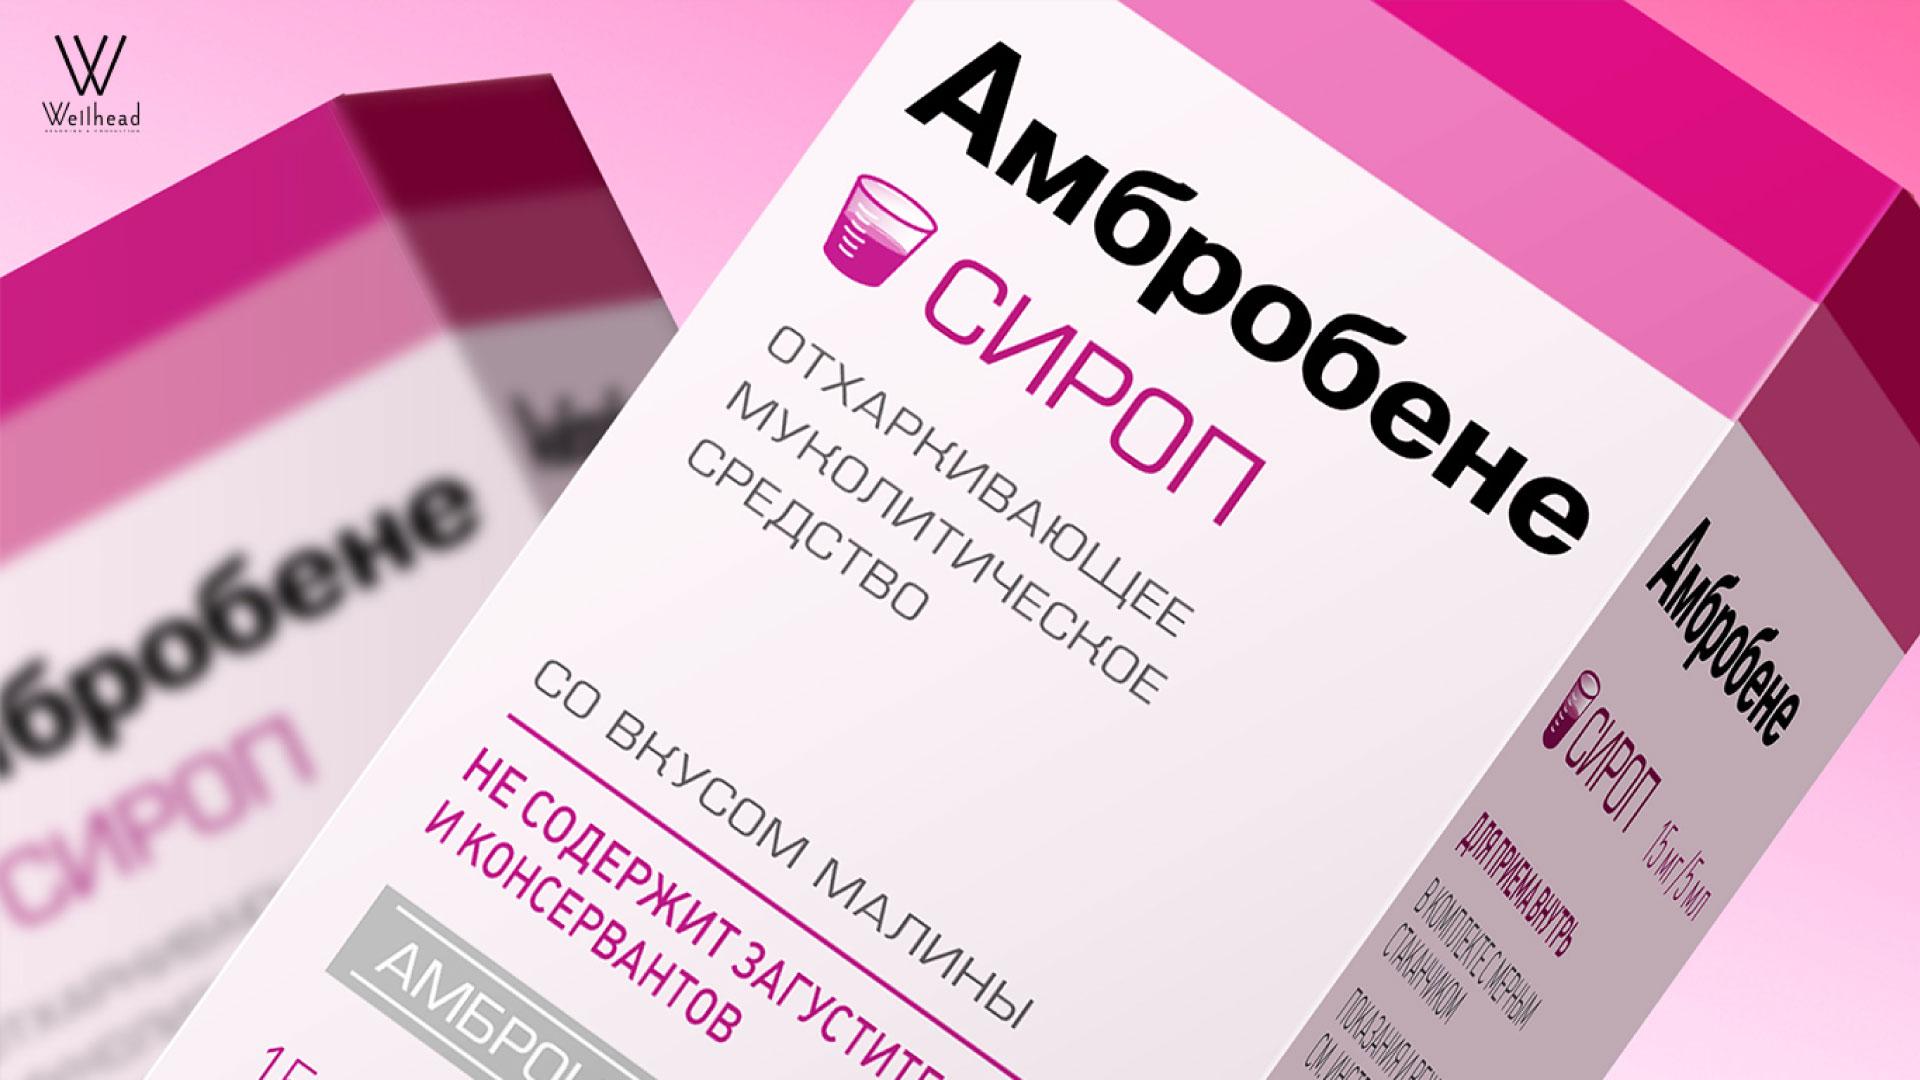 Разработка дизайна упаковки препарата Амбробене